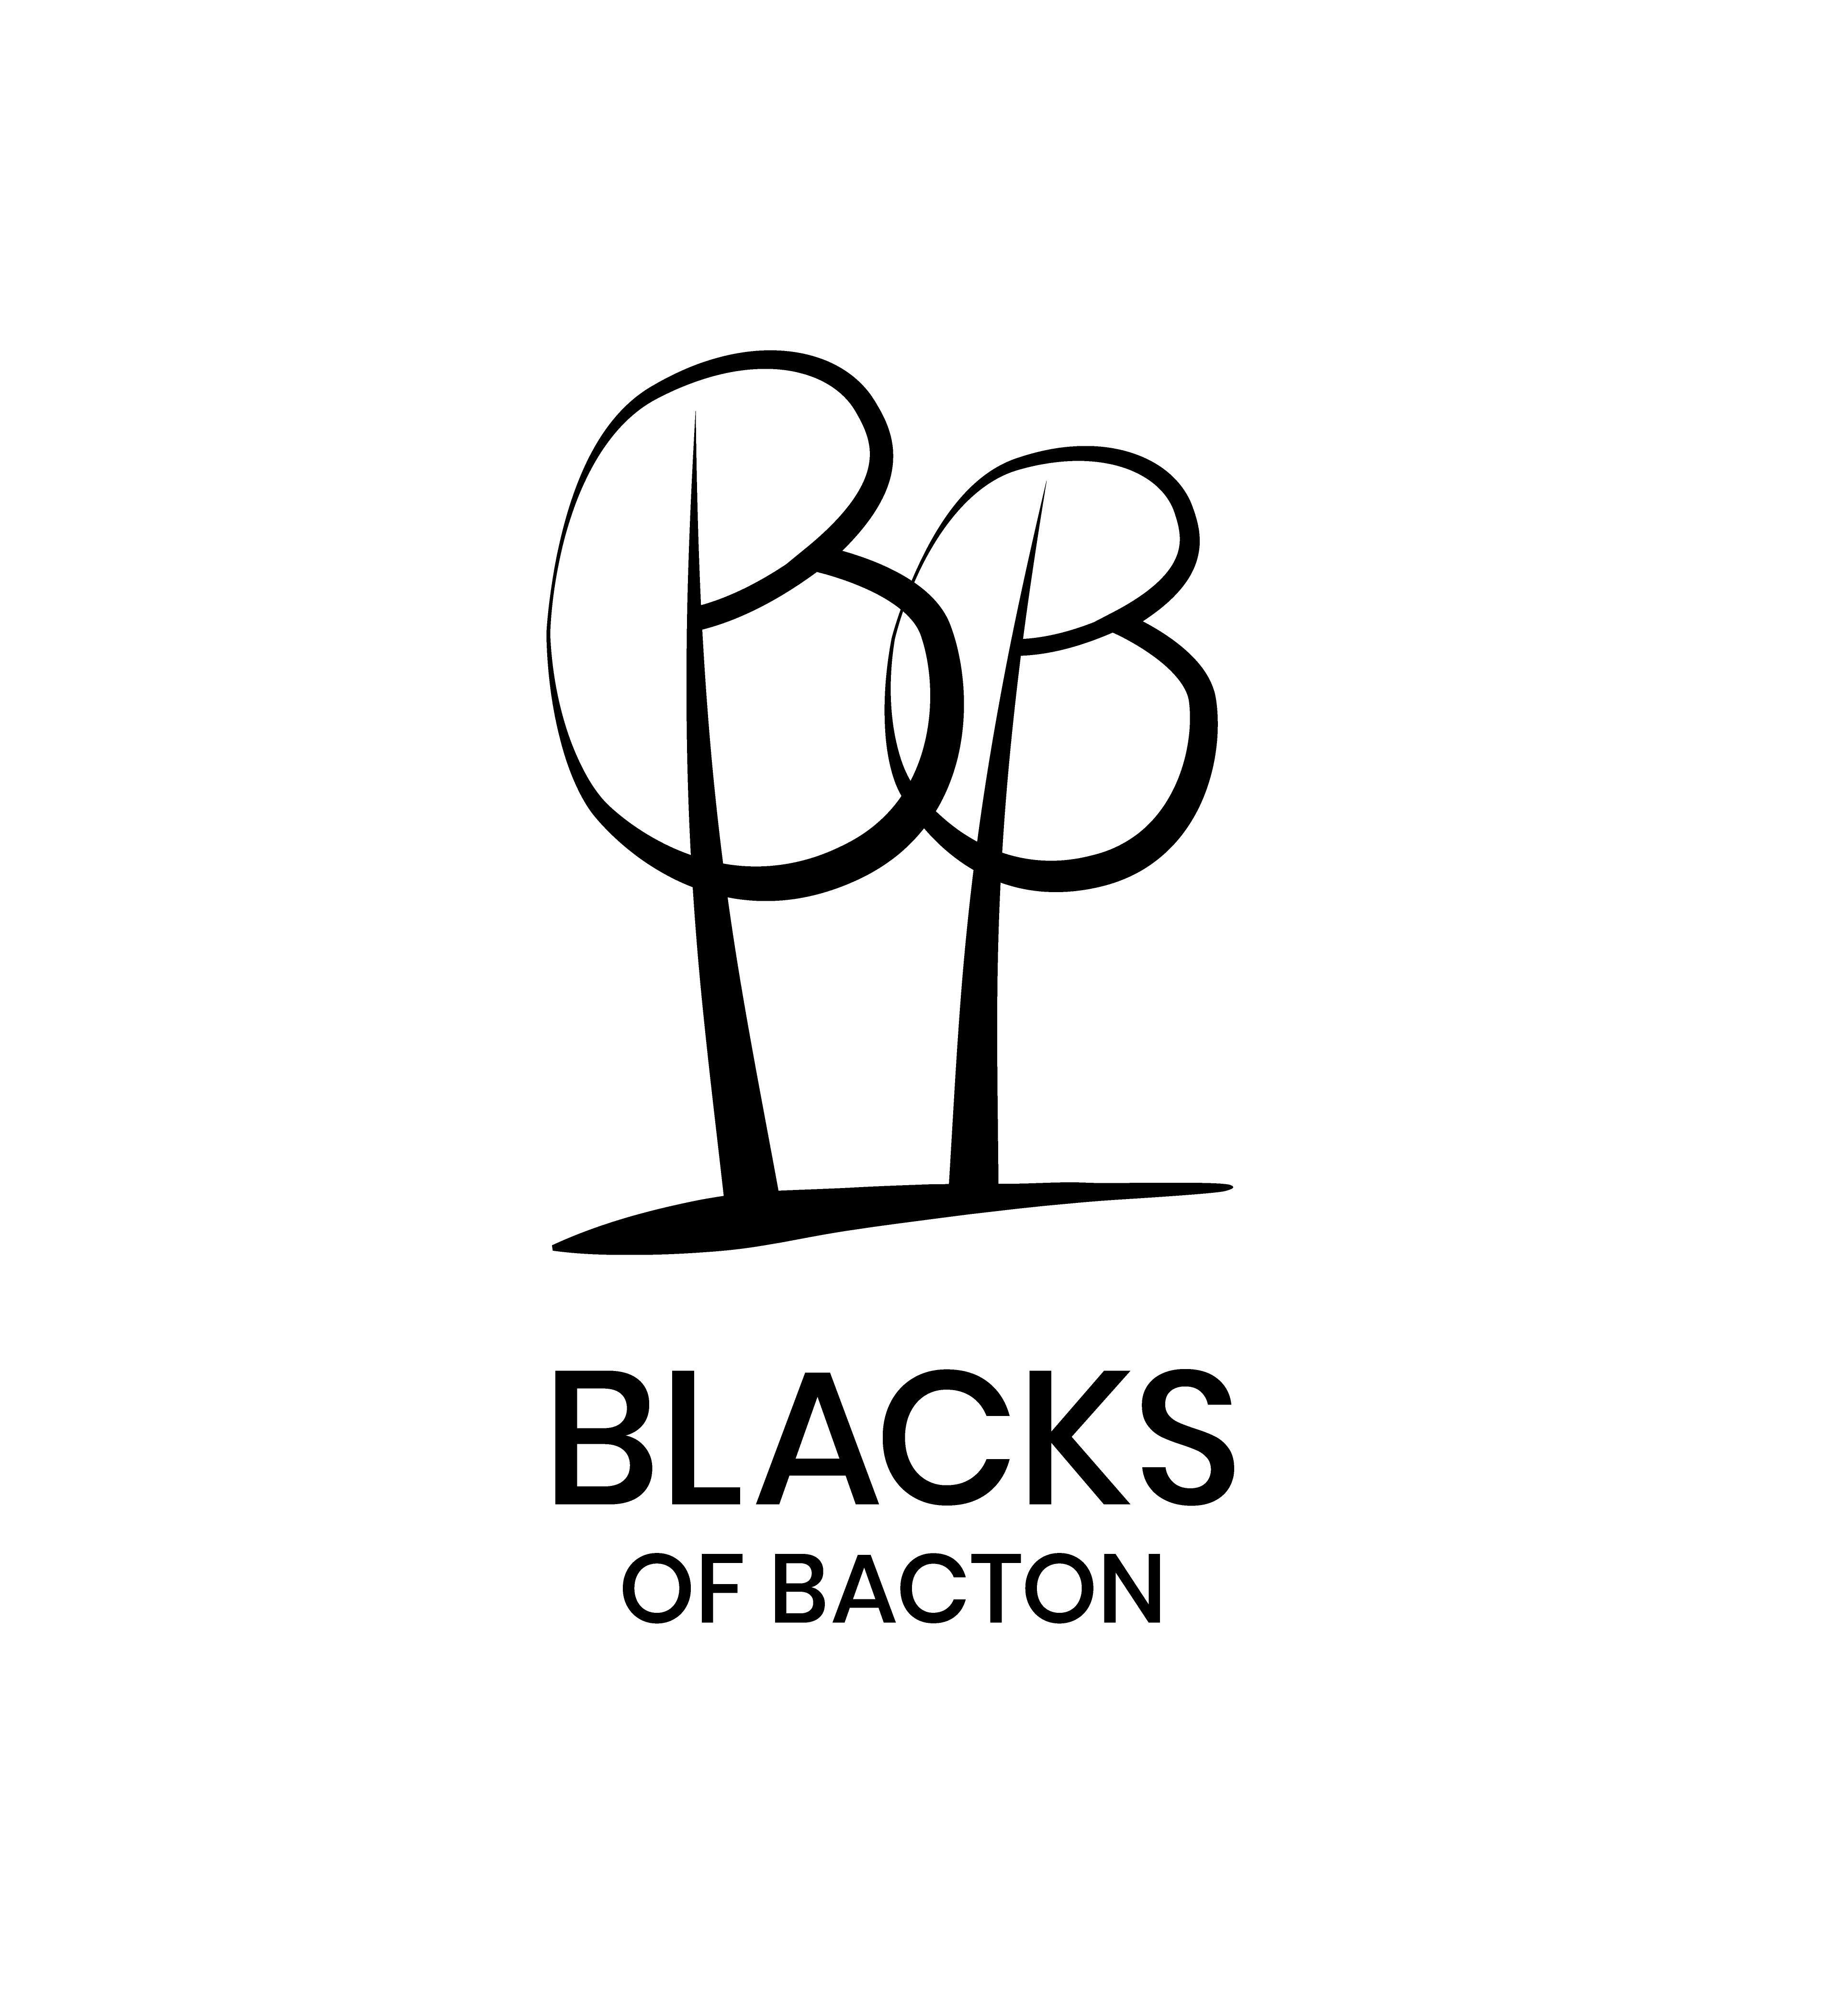 Bacton Pigs Ltd